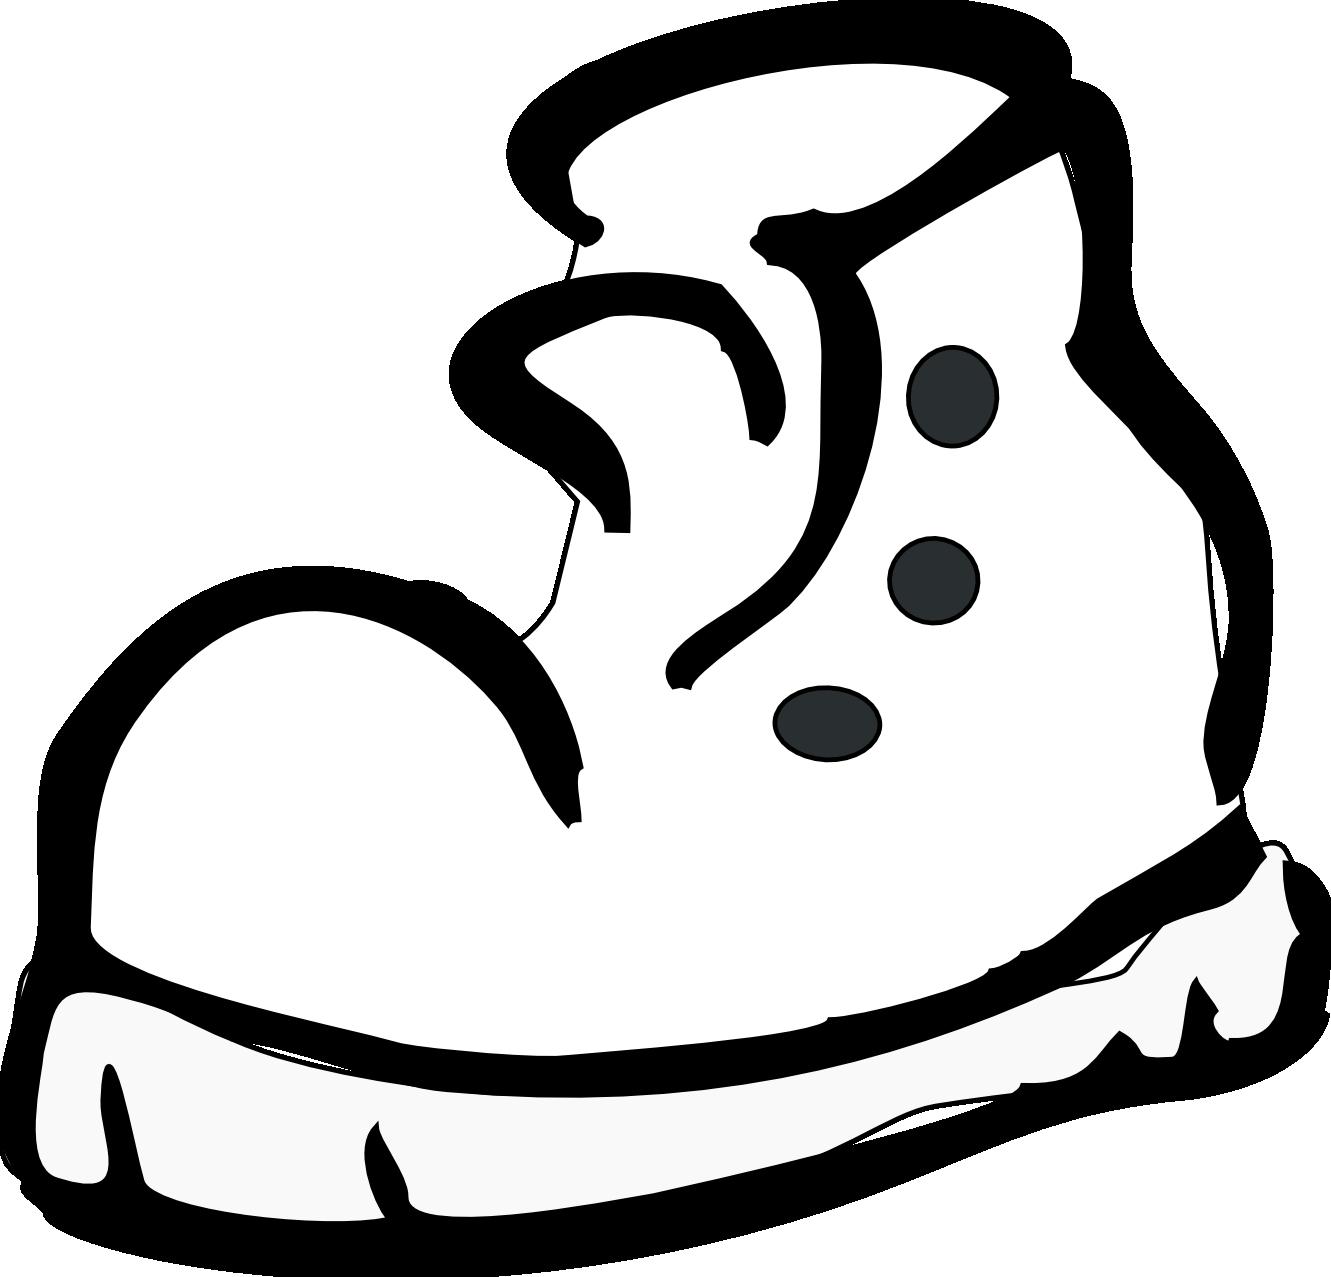 1331x1277 Shoe Clipart 2